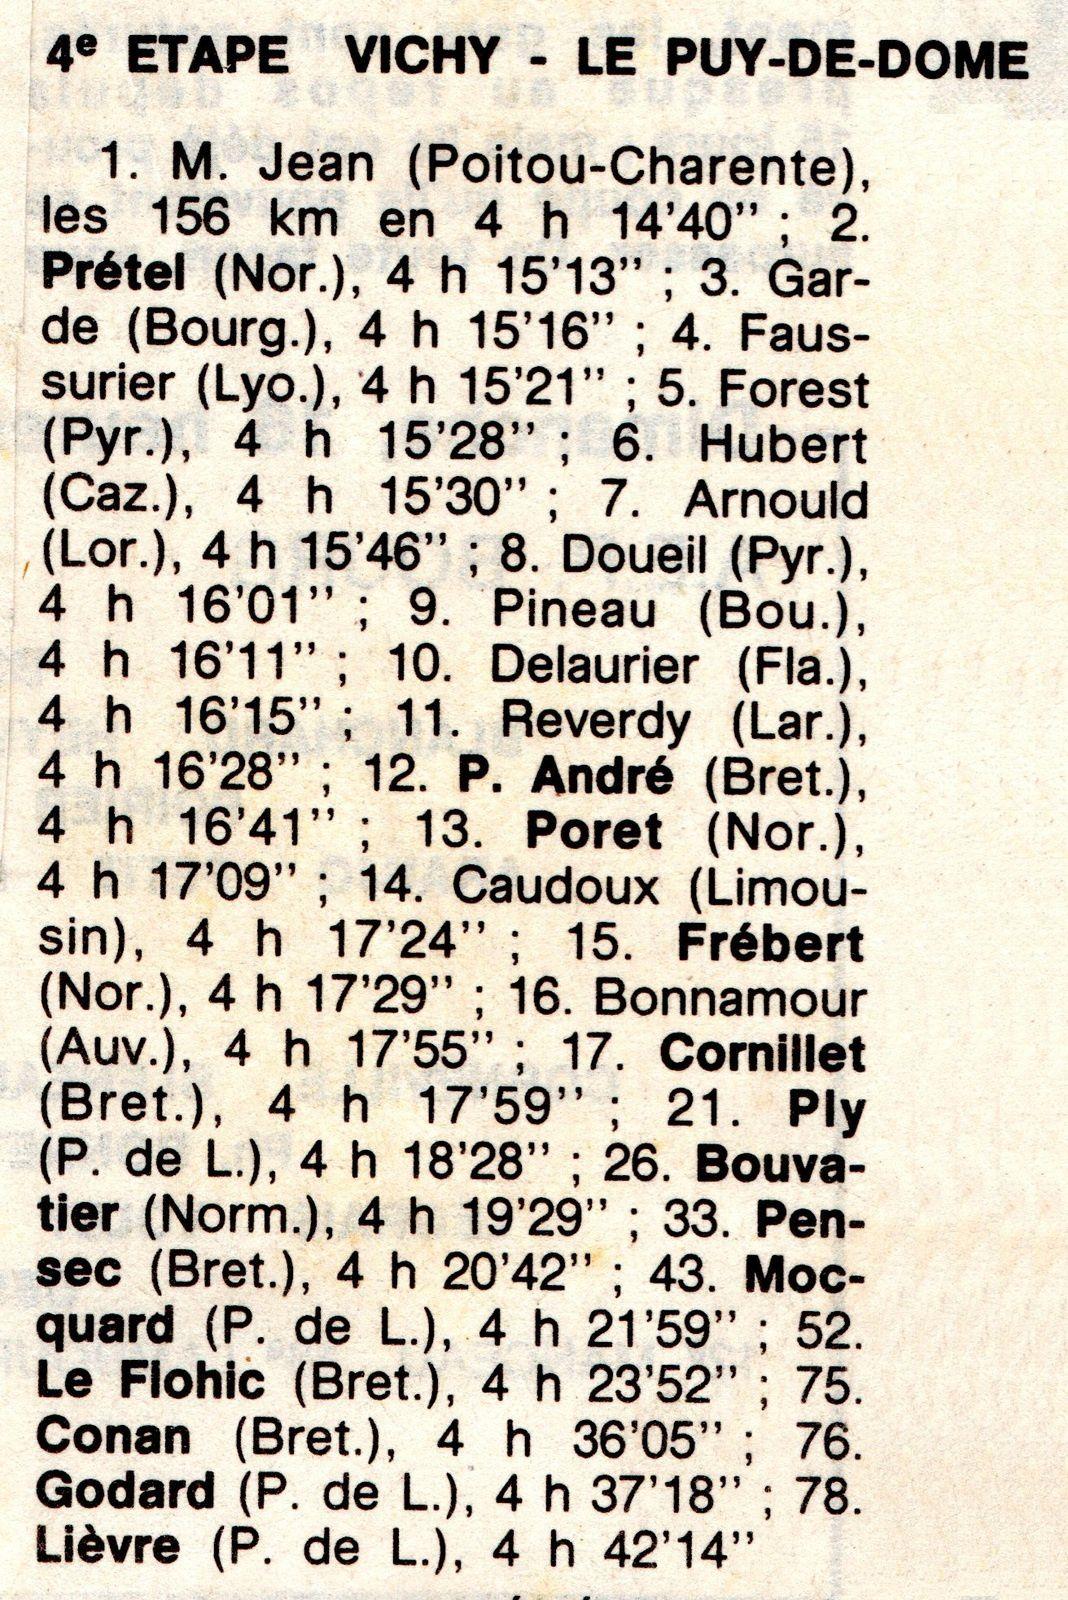 Je suis en tête de ce groupe lors de la Route de France 1983.